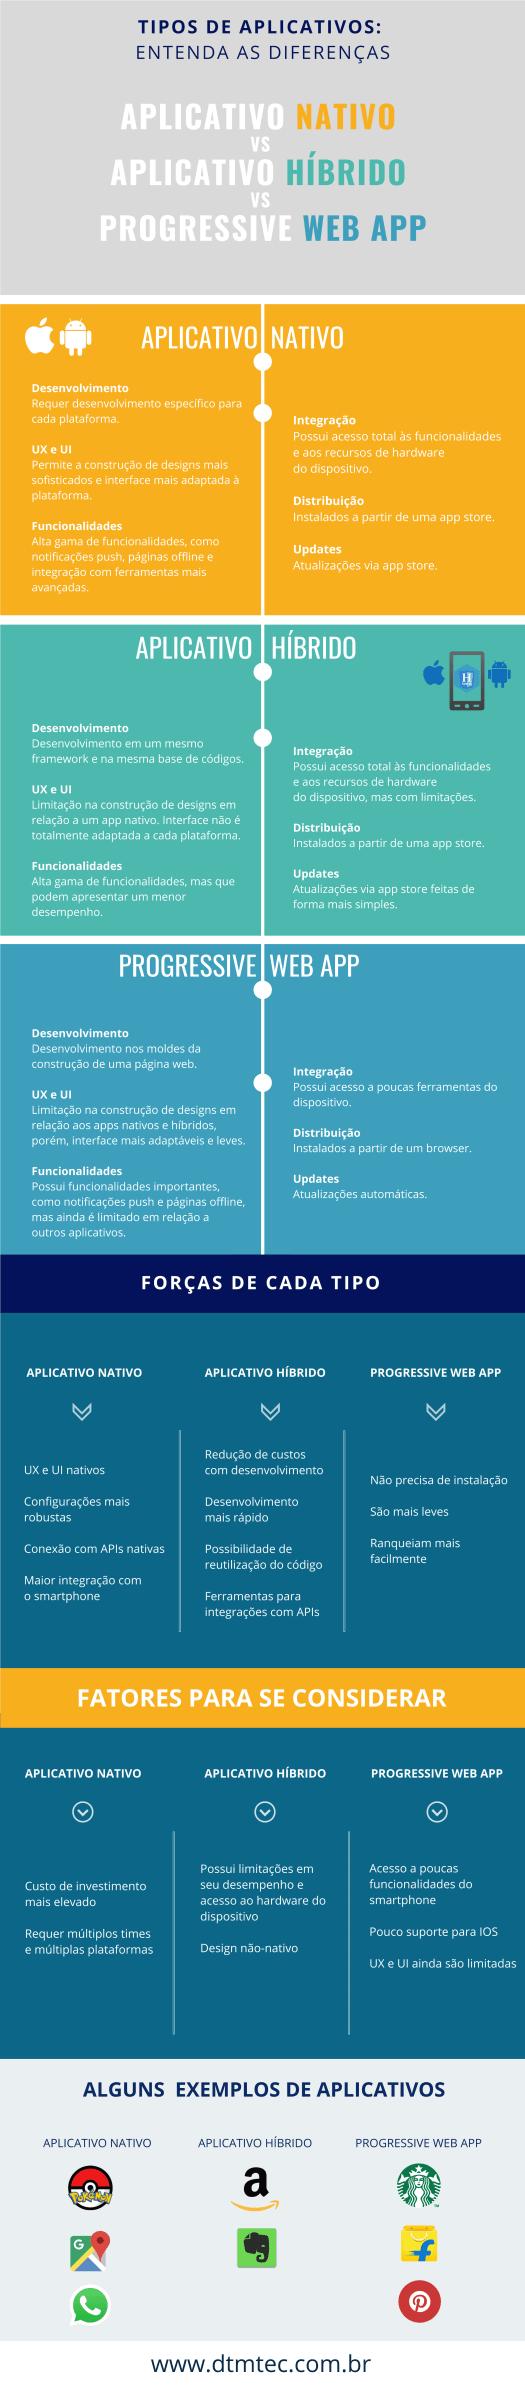 qual é o melhor, aplicativo híbrido, nativo ou pwa?